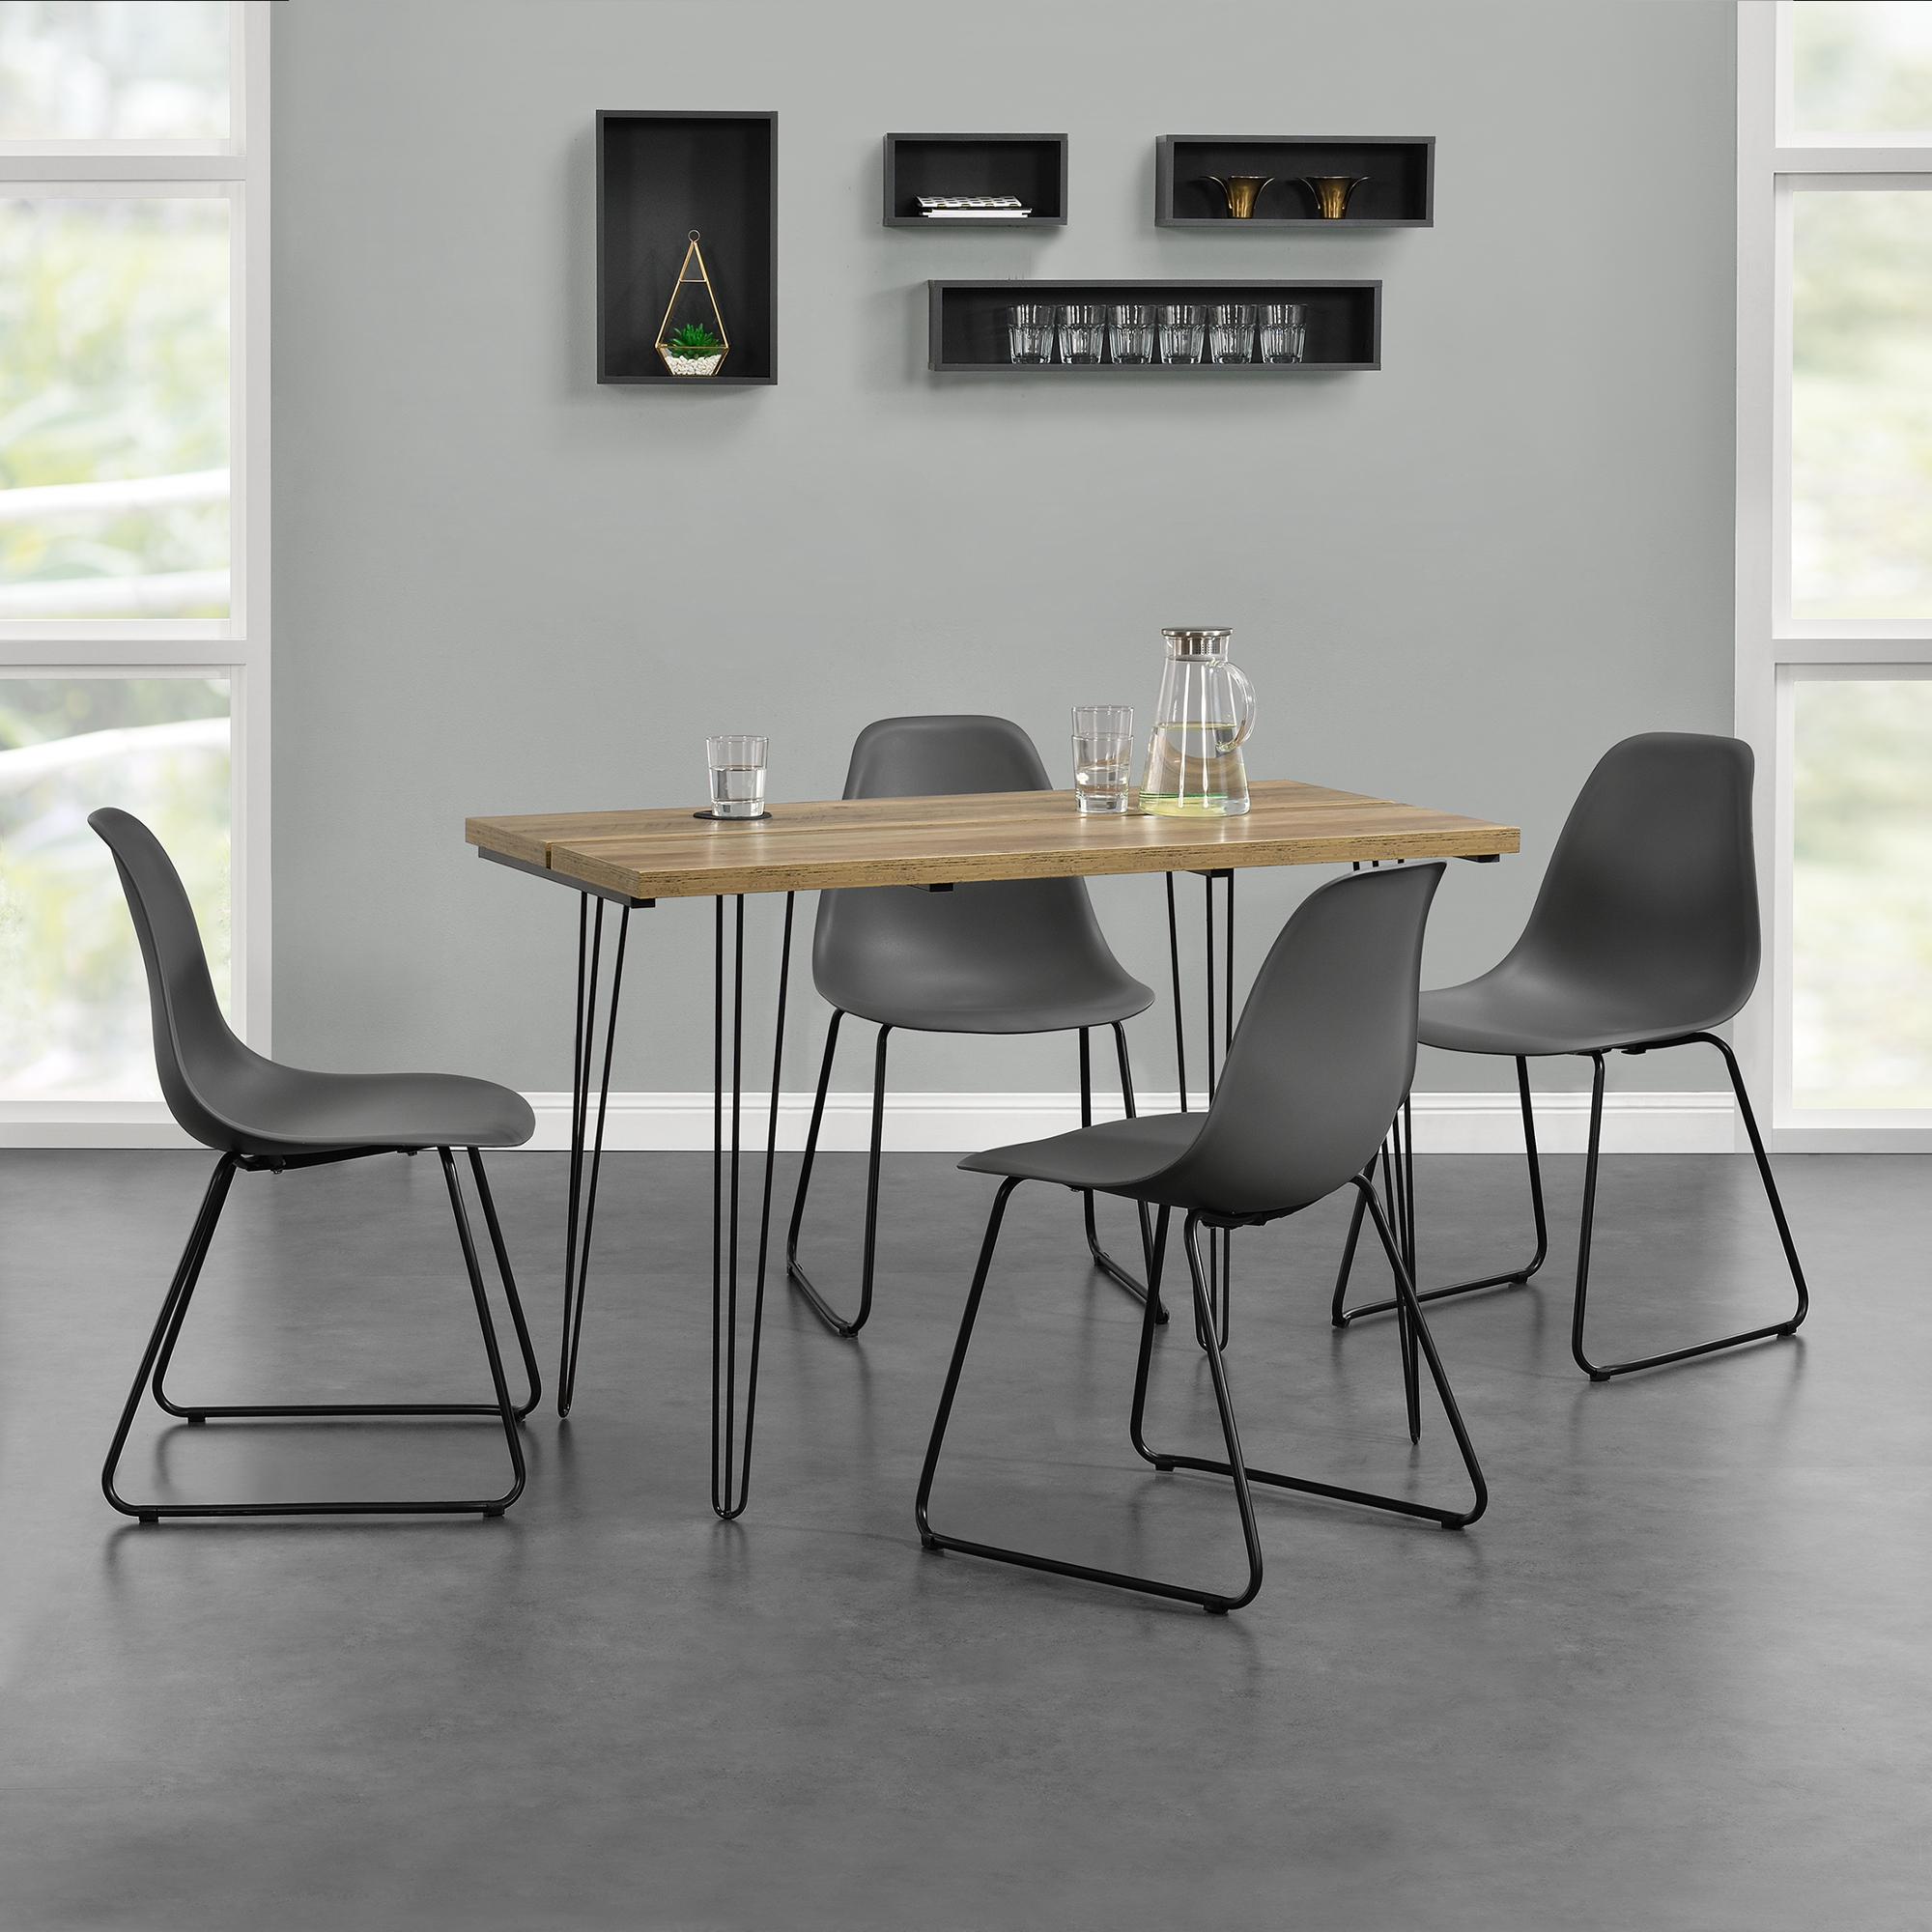 [en.casa]® Designový jídelní stůl - imitace dřeva + 4 ks židlí - tmavě šedé